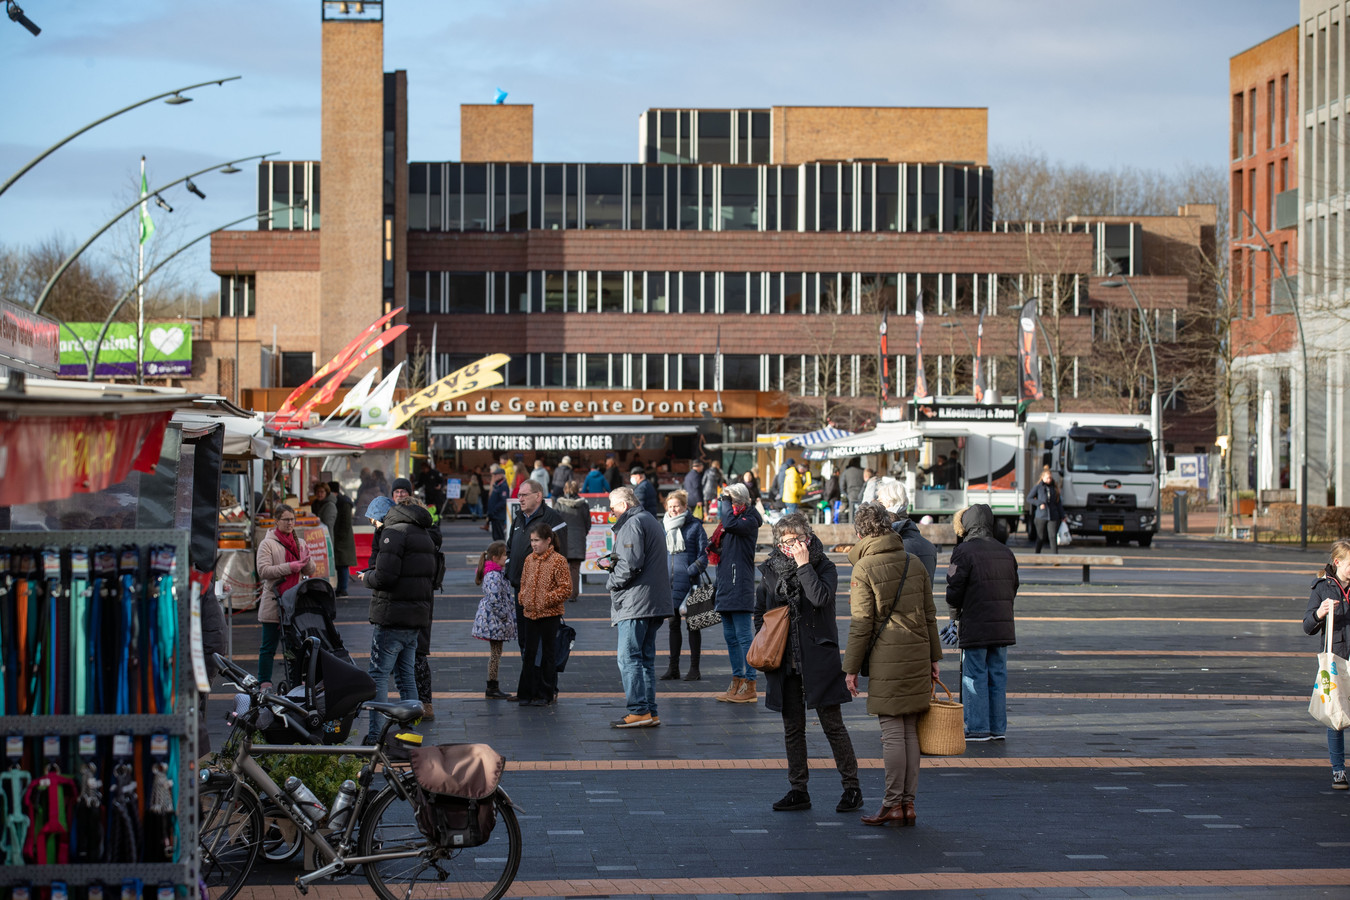 Het is rustig op de weekmarkt in Dronten. Voor een landelijke proef moeten 20.000 inwoners zich laten testen op corona. Dat is omgerekend de helft van de bevolking.